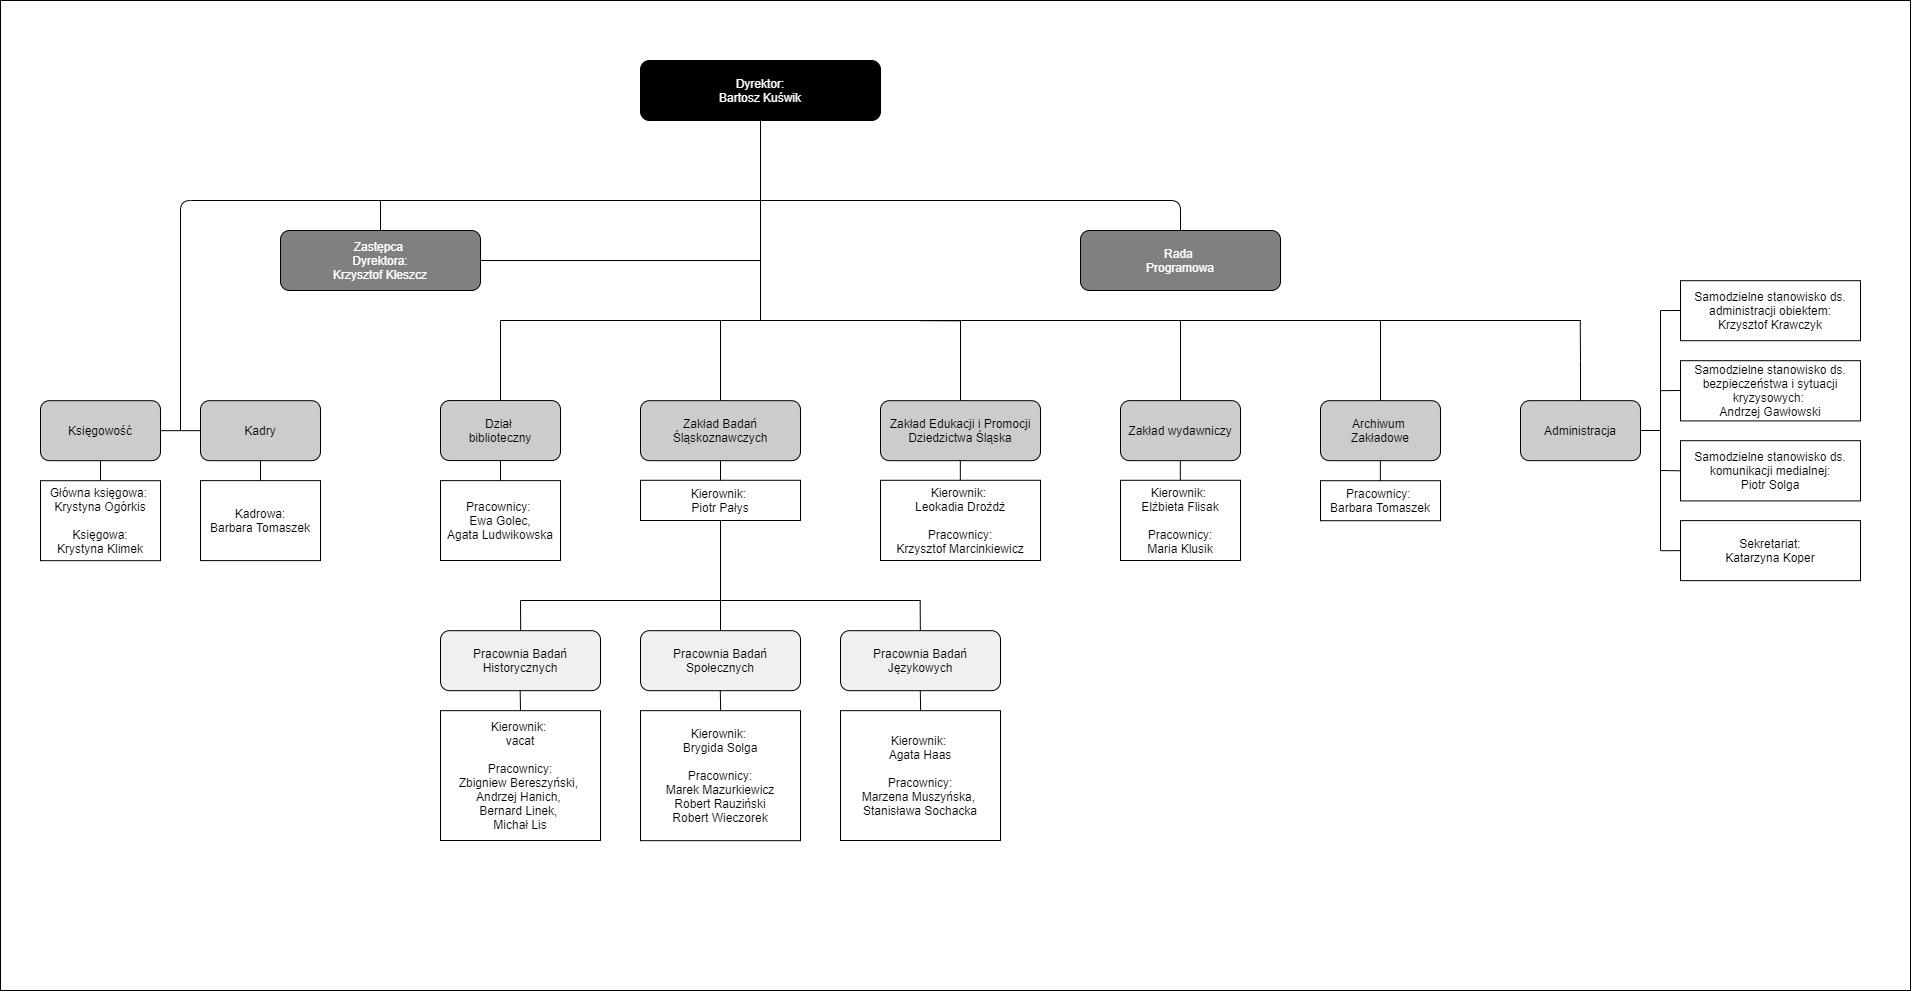 Struktura Instytutu Śląskiego - diagram